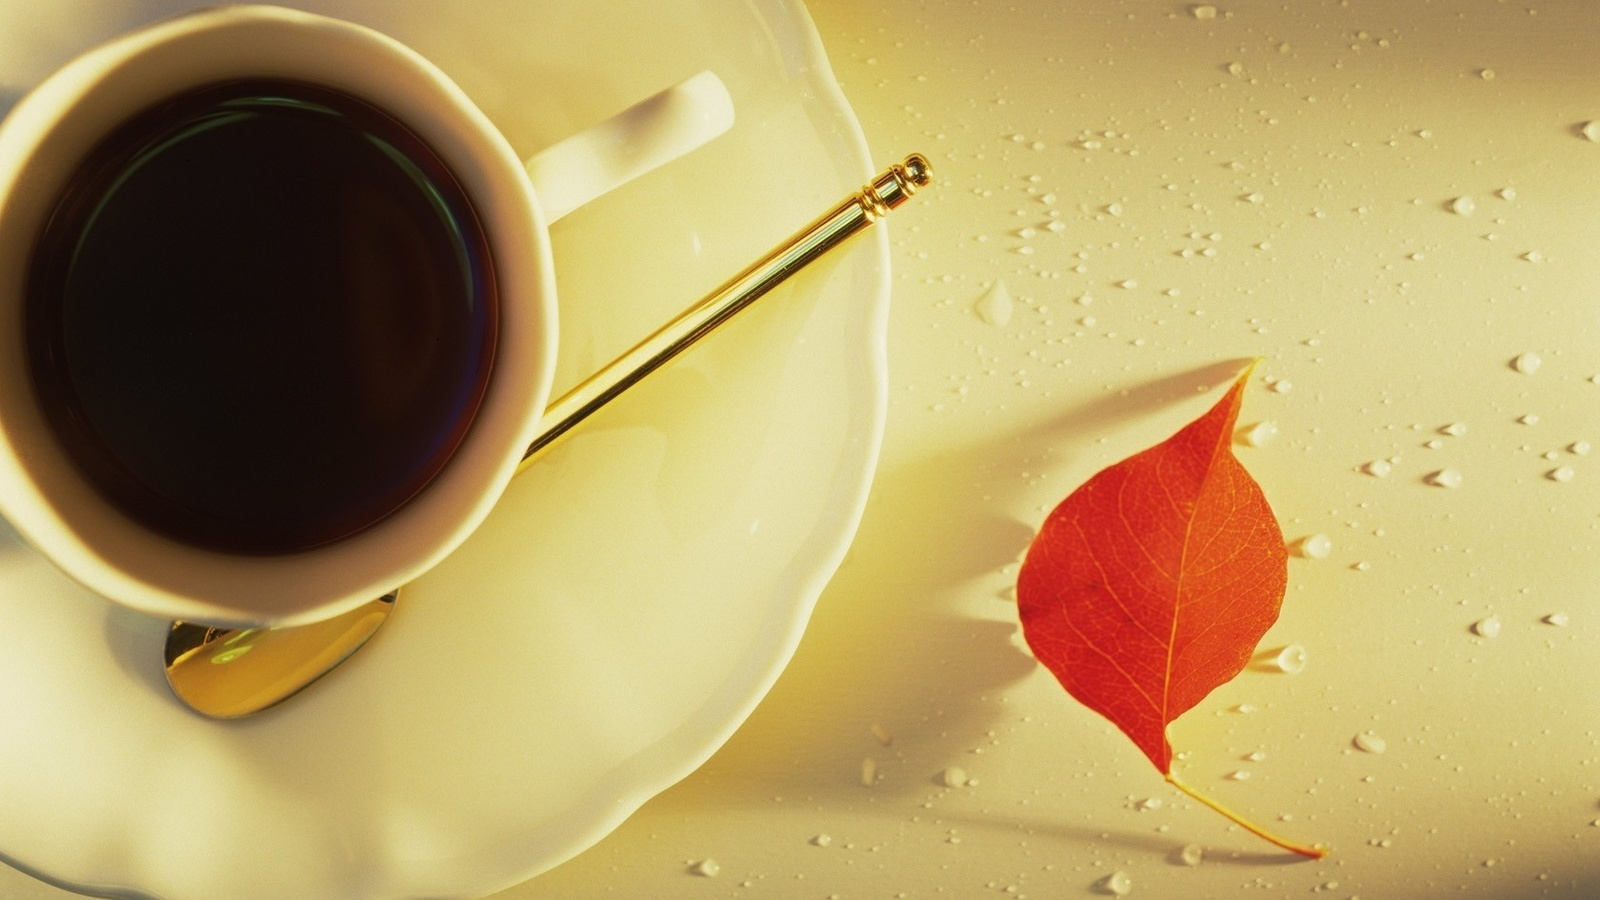 кофе, белая чаша, листок, капельки воды, кофейная ложечка